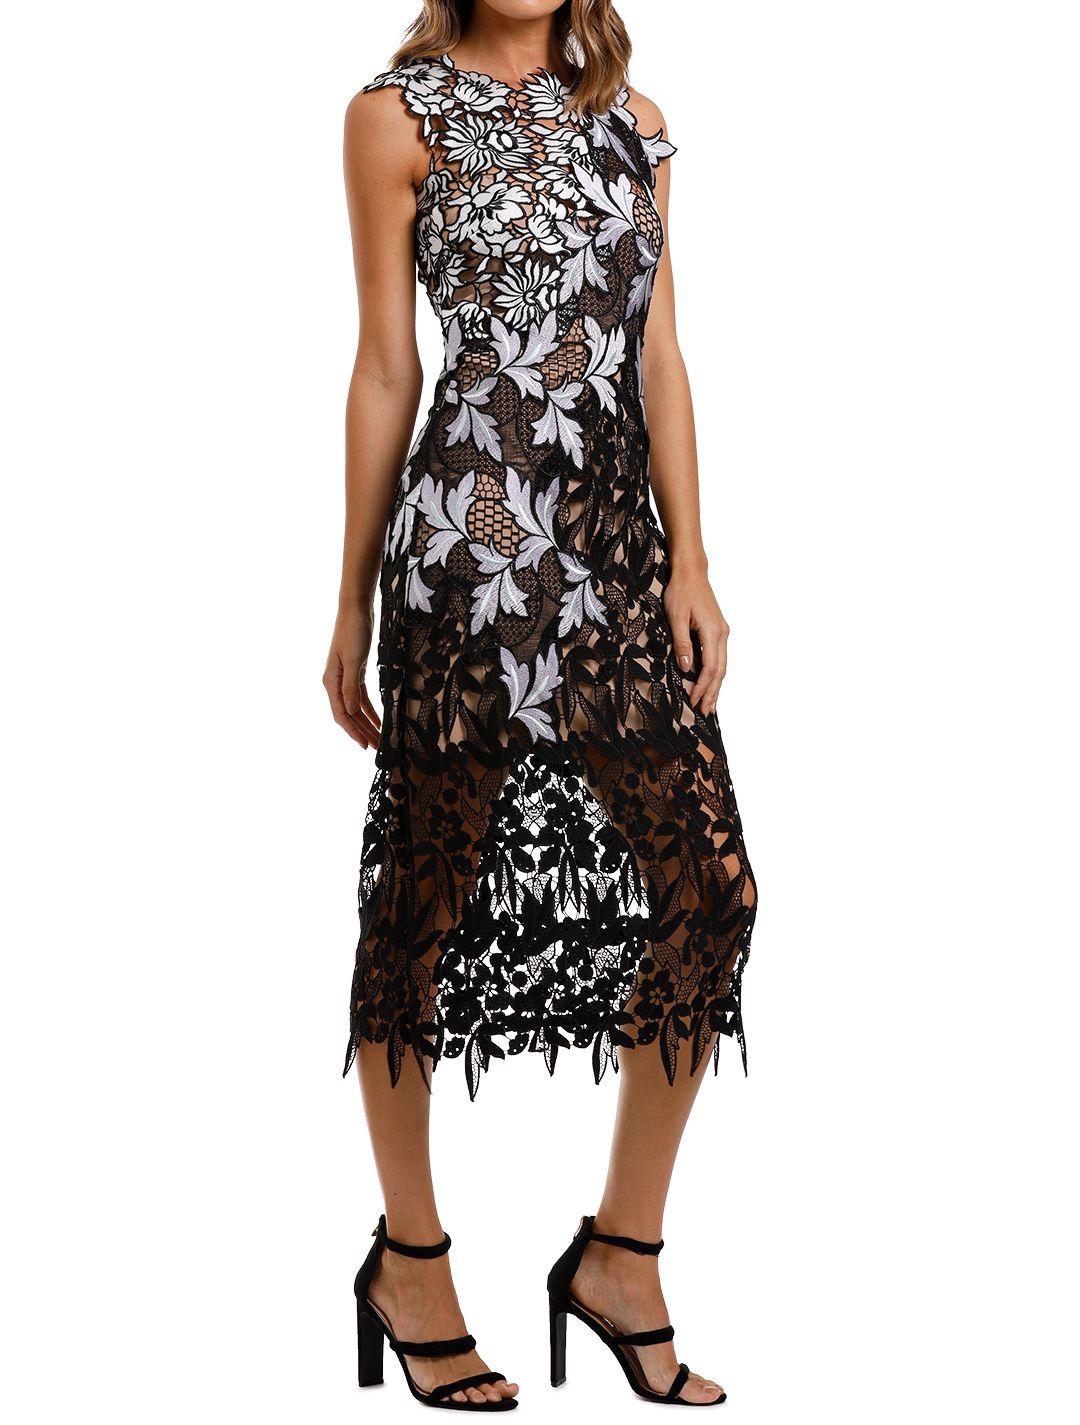 Self Portrait Guipure Patchwork Midi Dress Lace